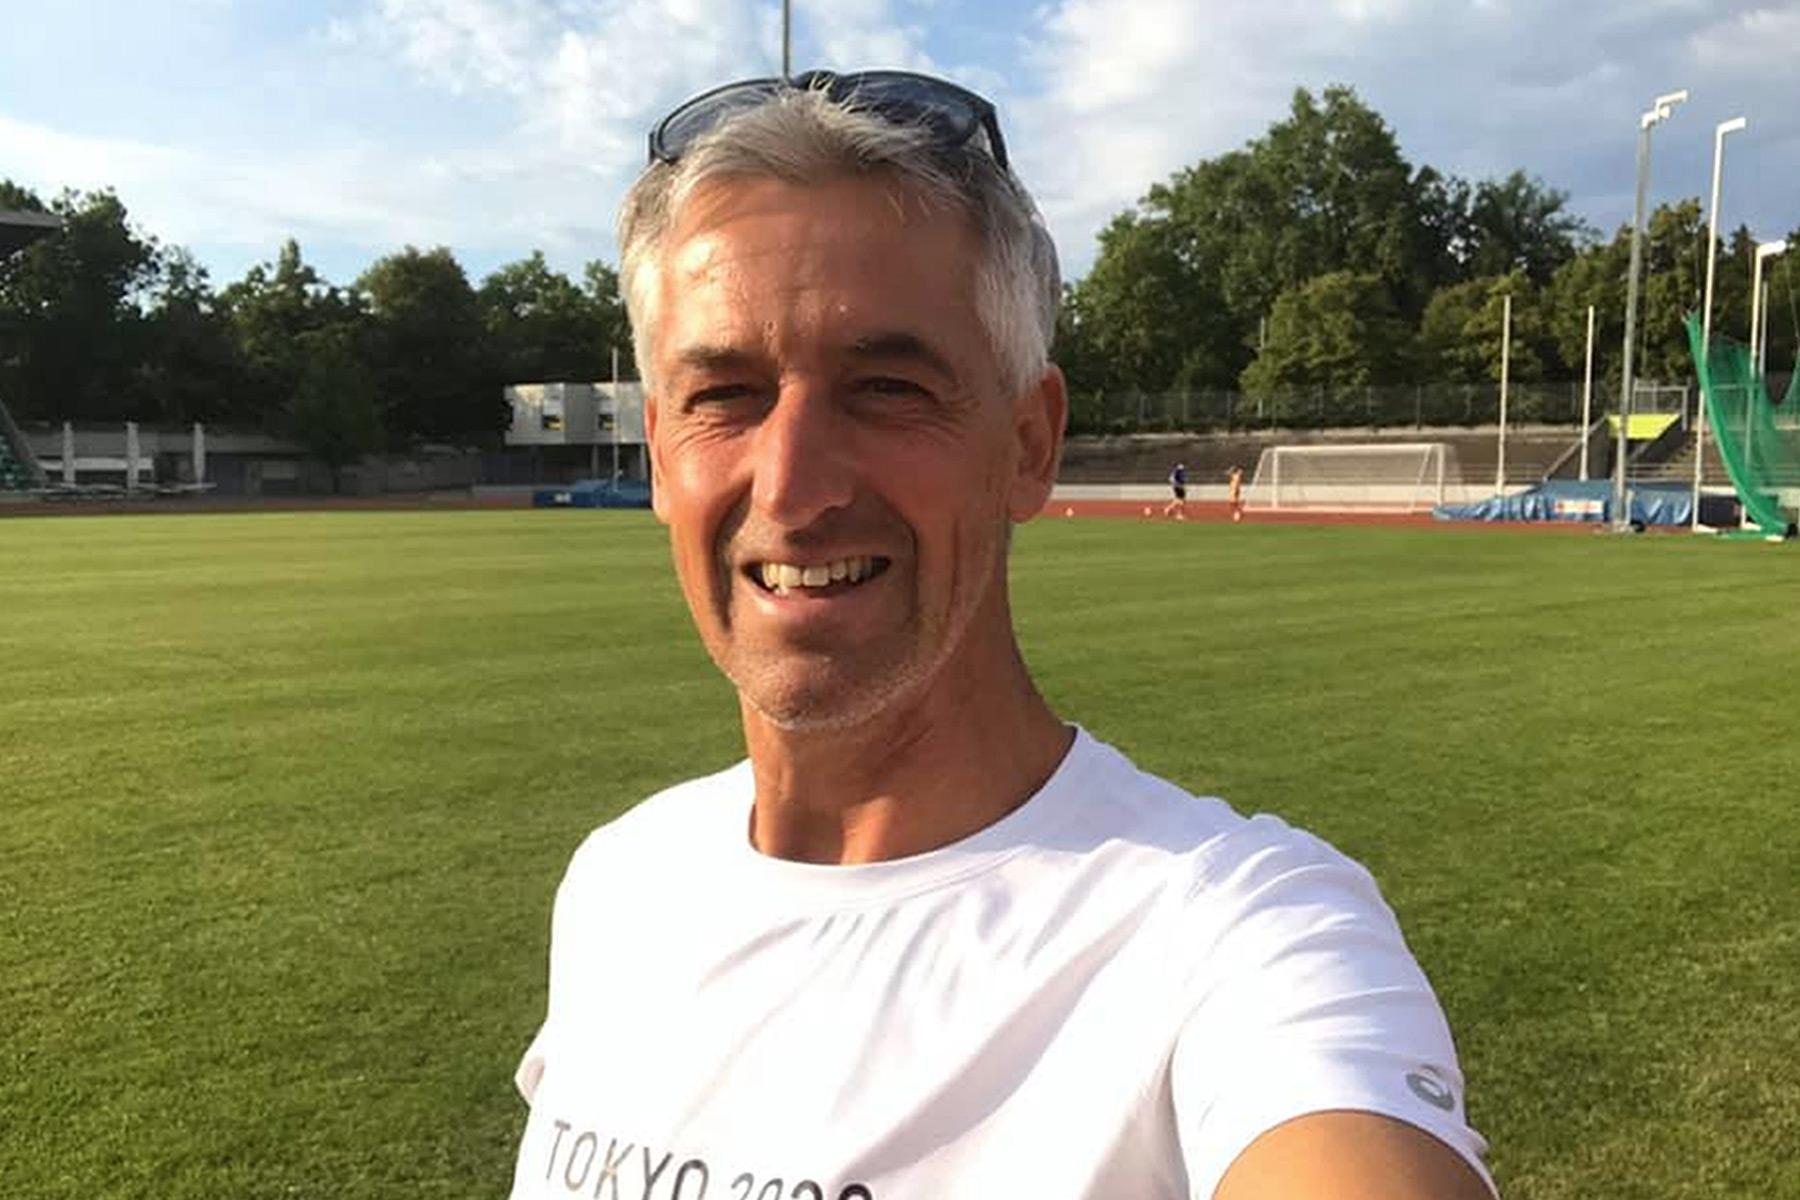 https://www.rainerhauch.ch/wp-content/uploads/stadion.jpg